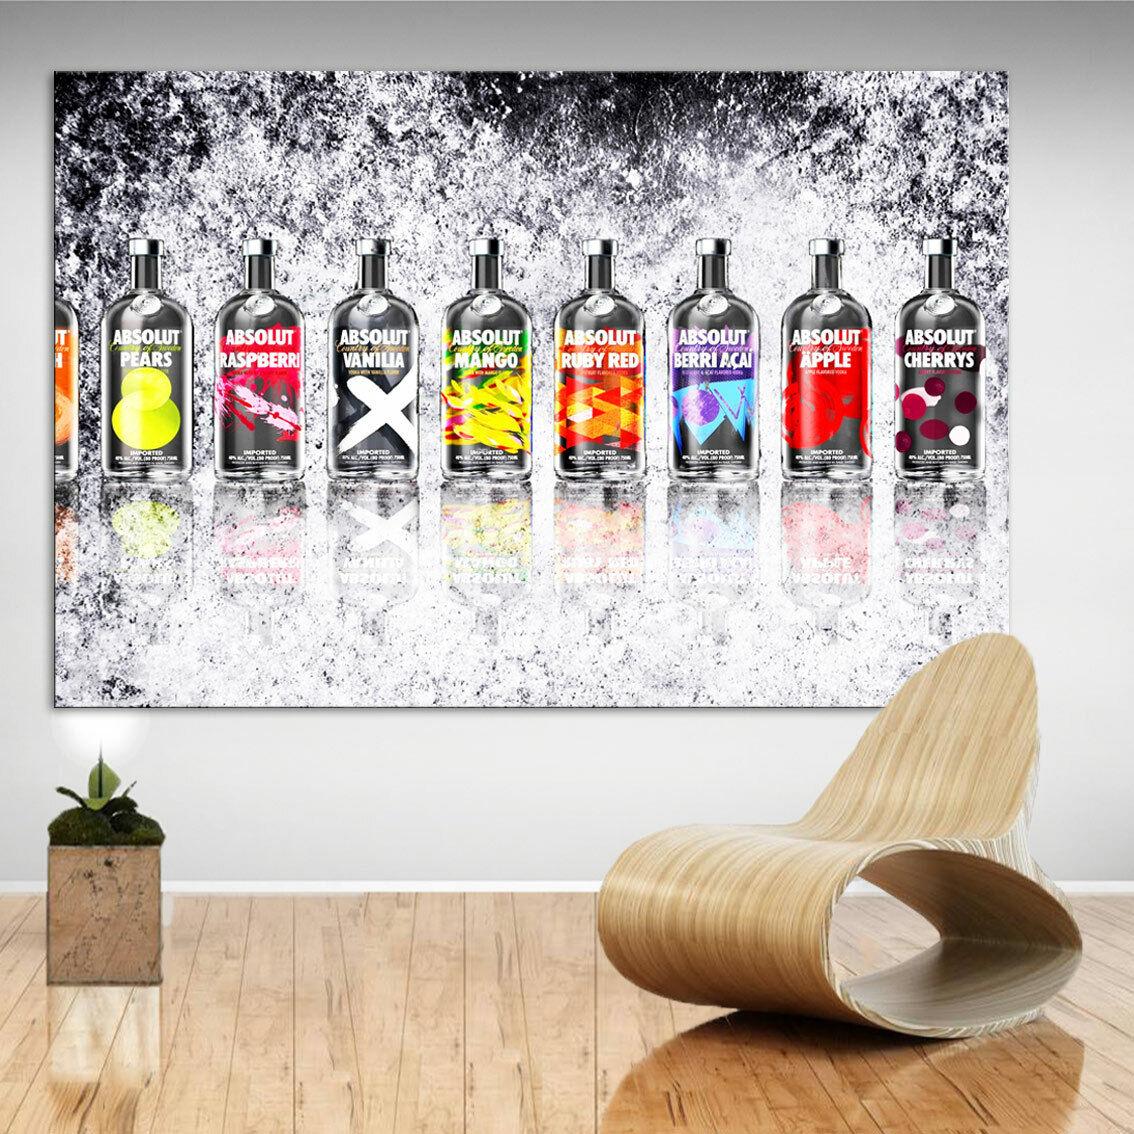 Bar Absolut Getränk Bild Leinwand Abstrakte Kunst Bilder Wandbilder Deko D0600